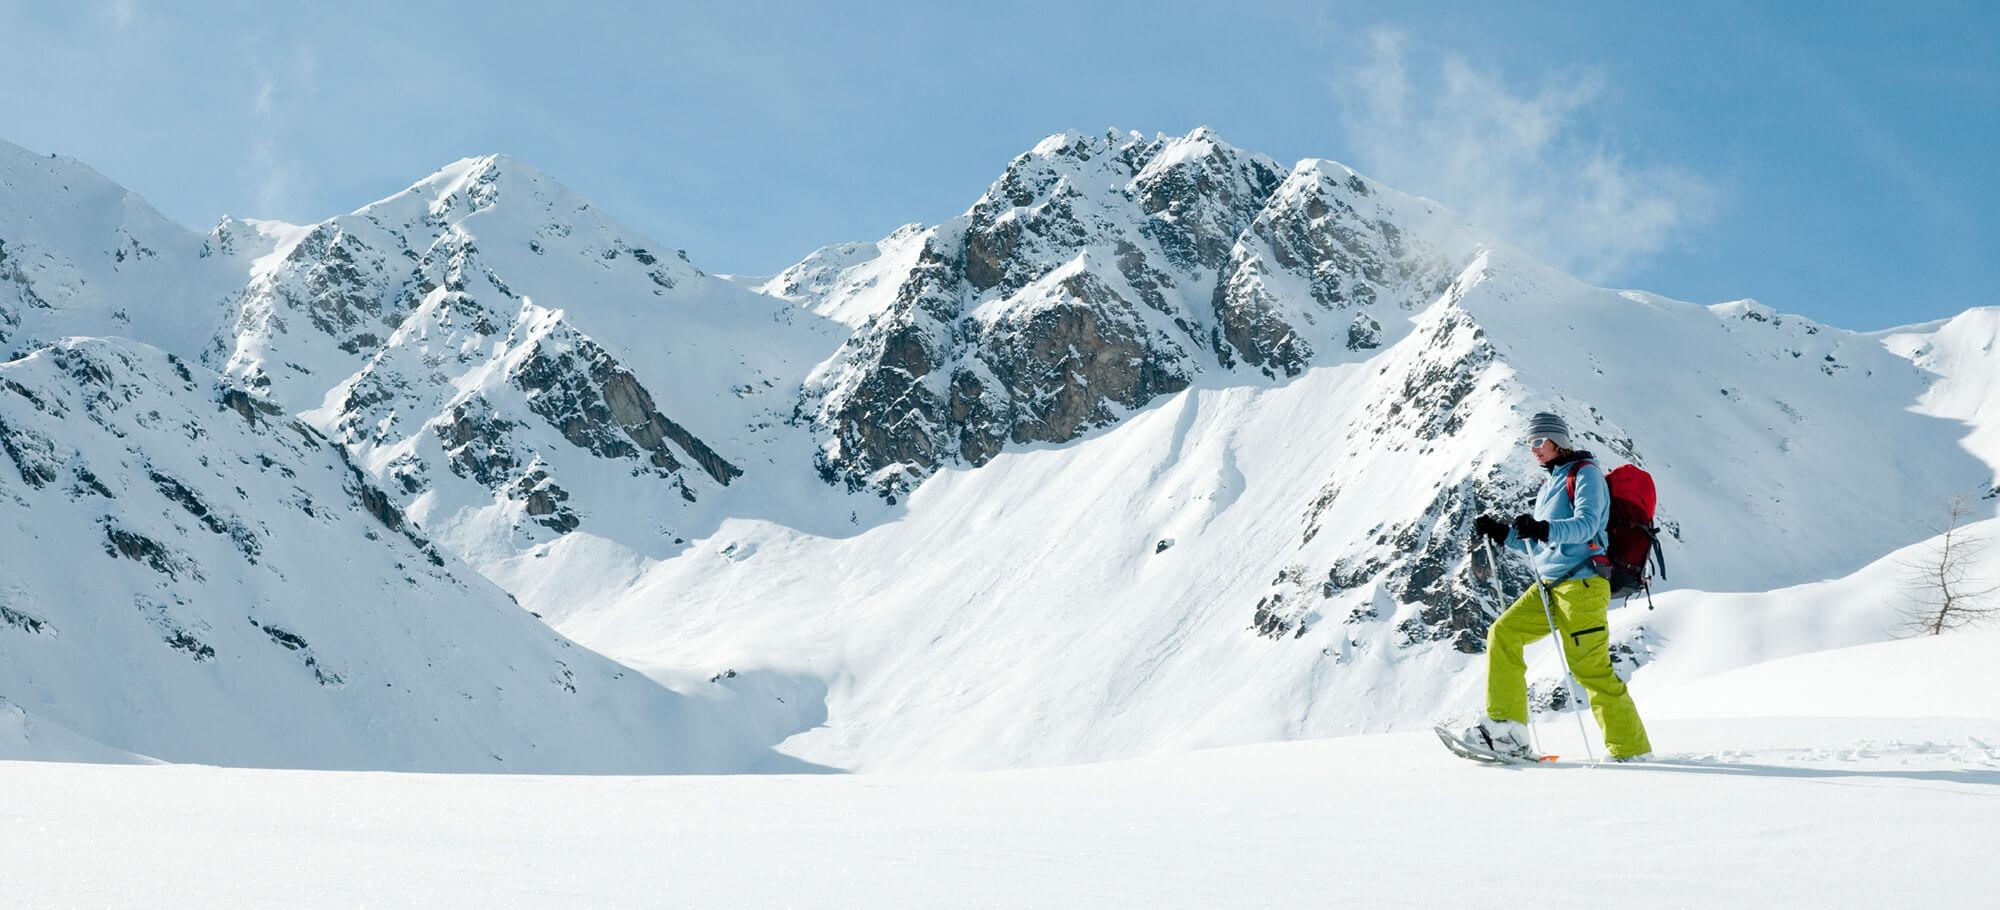 Frau bei einer Schneeschuhwanderung durch das verschneite Gebirge